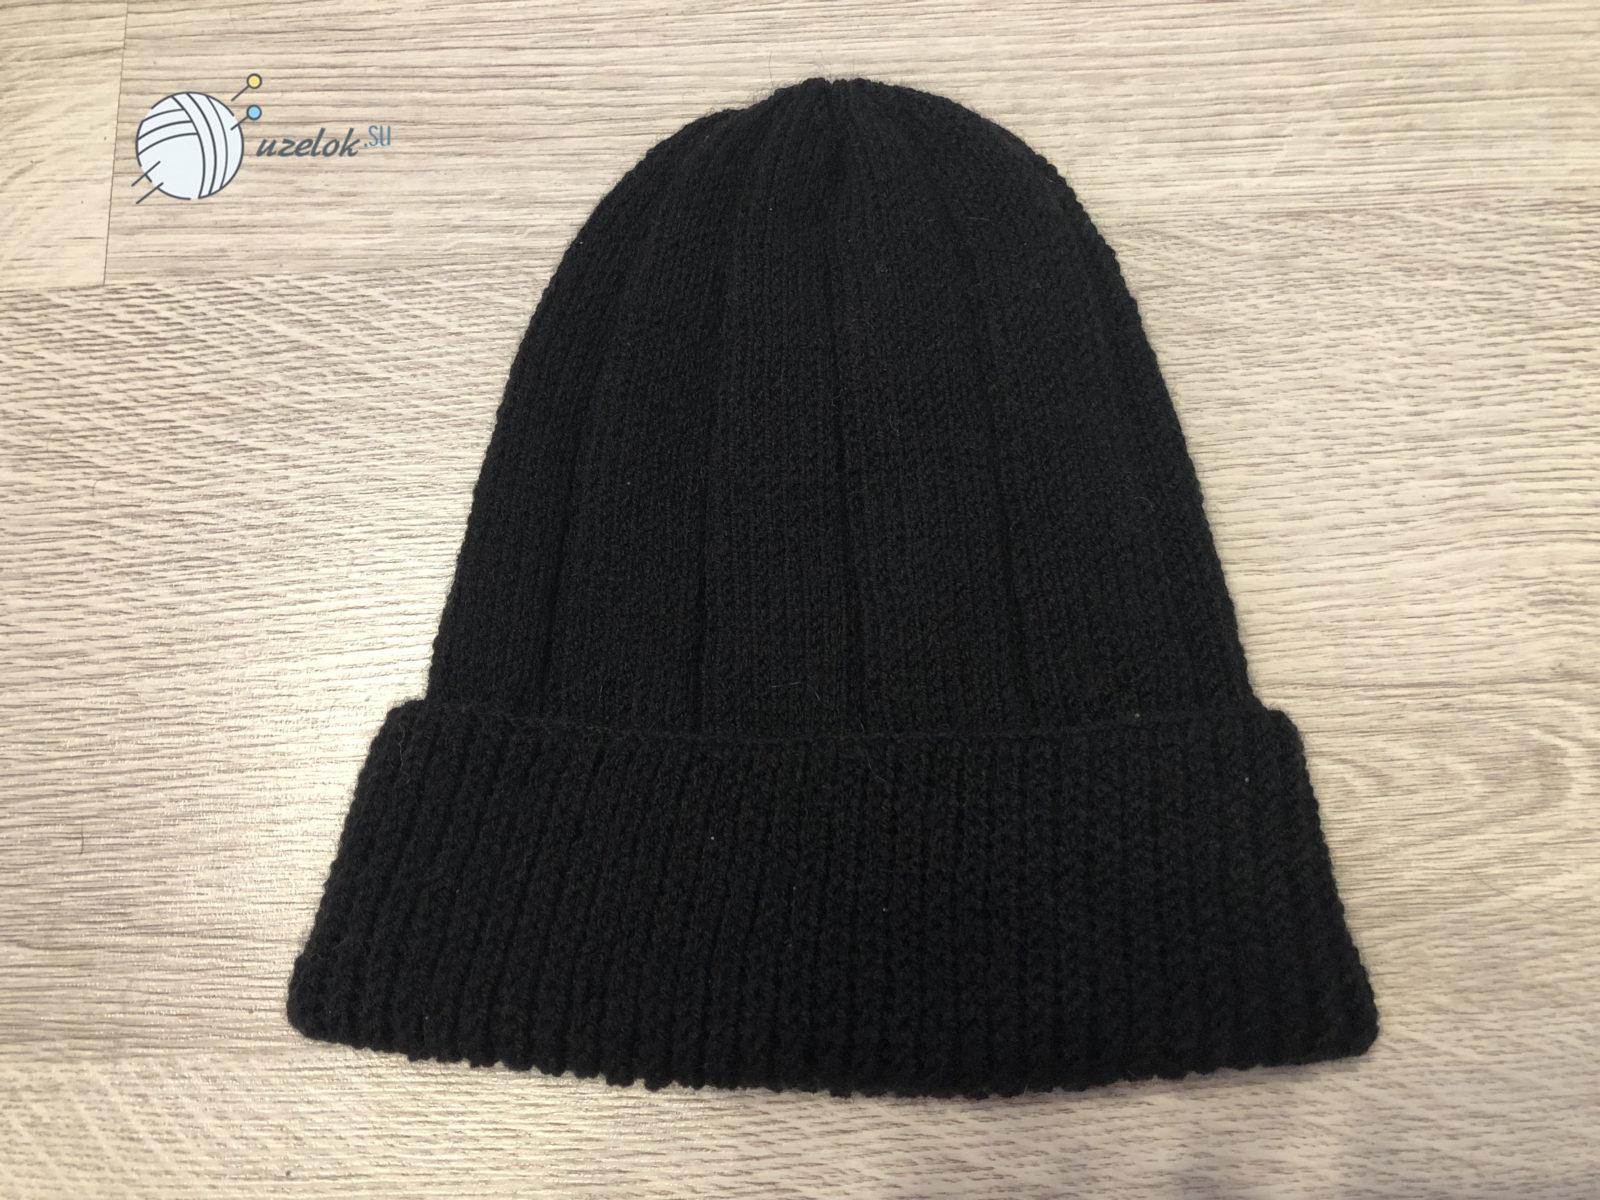 16-2 Простая мужская шапка спицами, схема мужской шапки спицами, пошаговое описание с фото. Мужская шапка спицами для начинающих